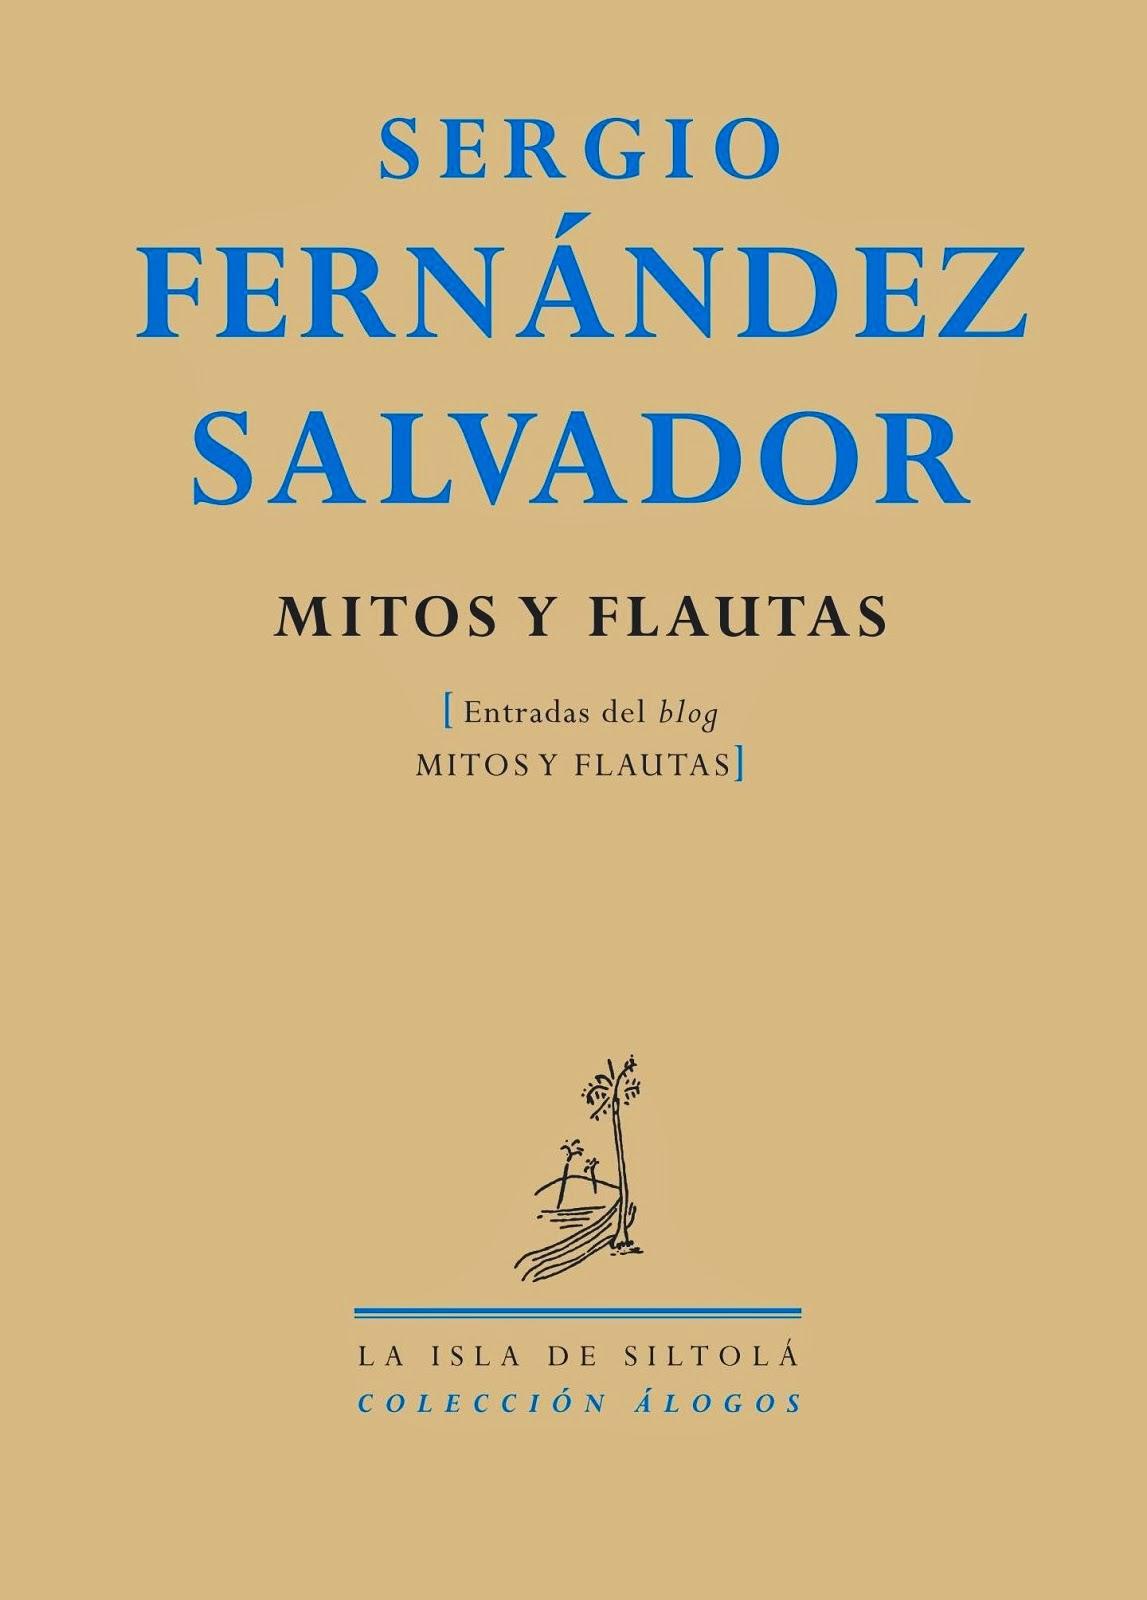 Mitos y flautas (prosa miscelánea)